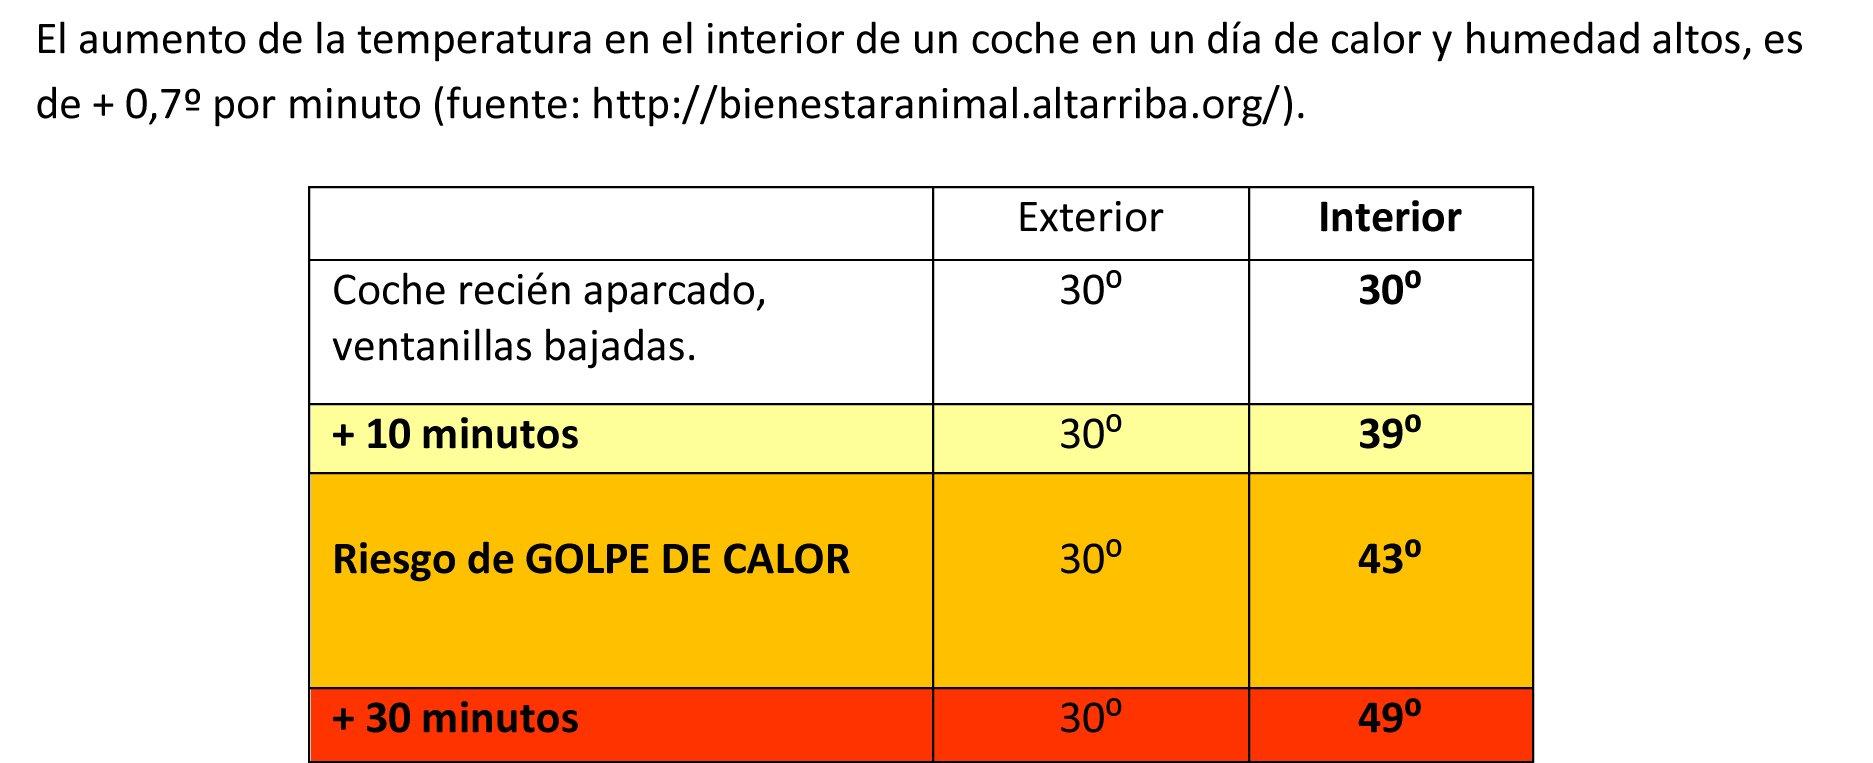 el-aumento-de-la-temperatura-en-el-interior-de-un-coche-en-un-dc3ada-de-calor-y-humedad-altos-es-de-07c2ba-por-minuto-fuente_jpeg